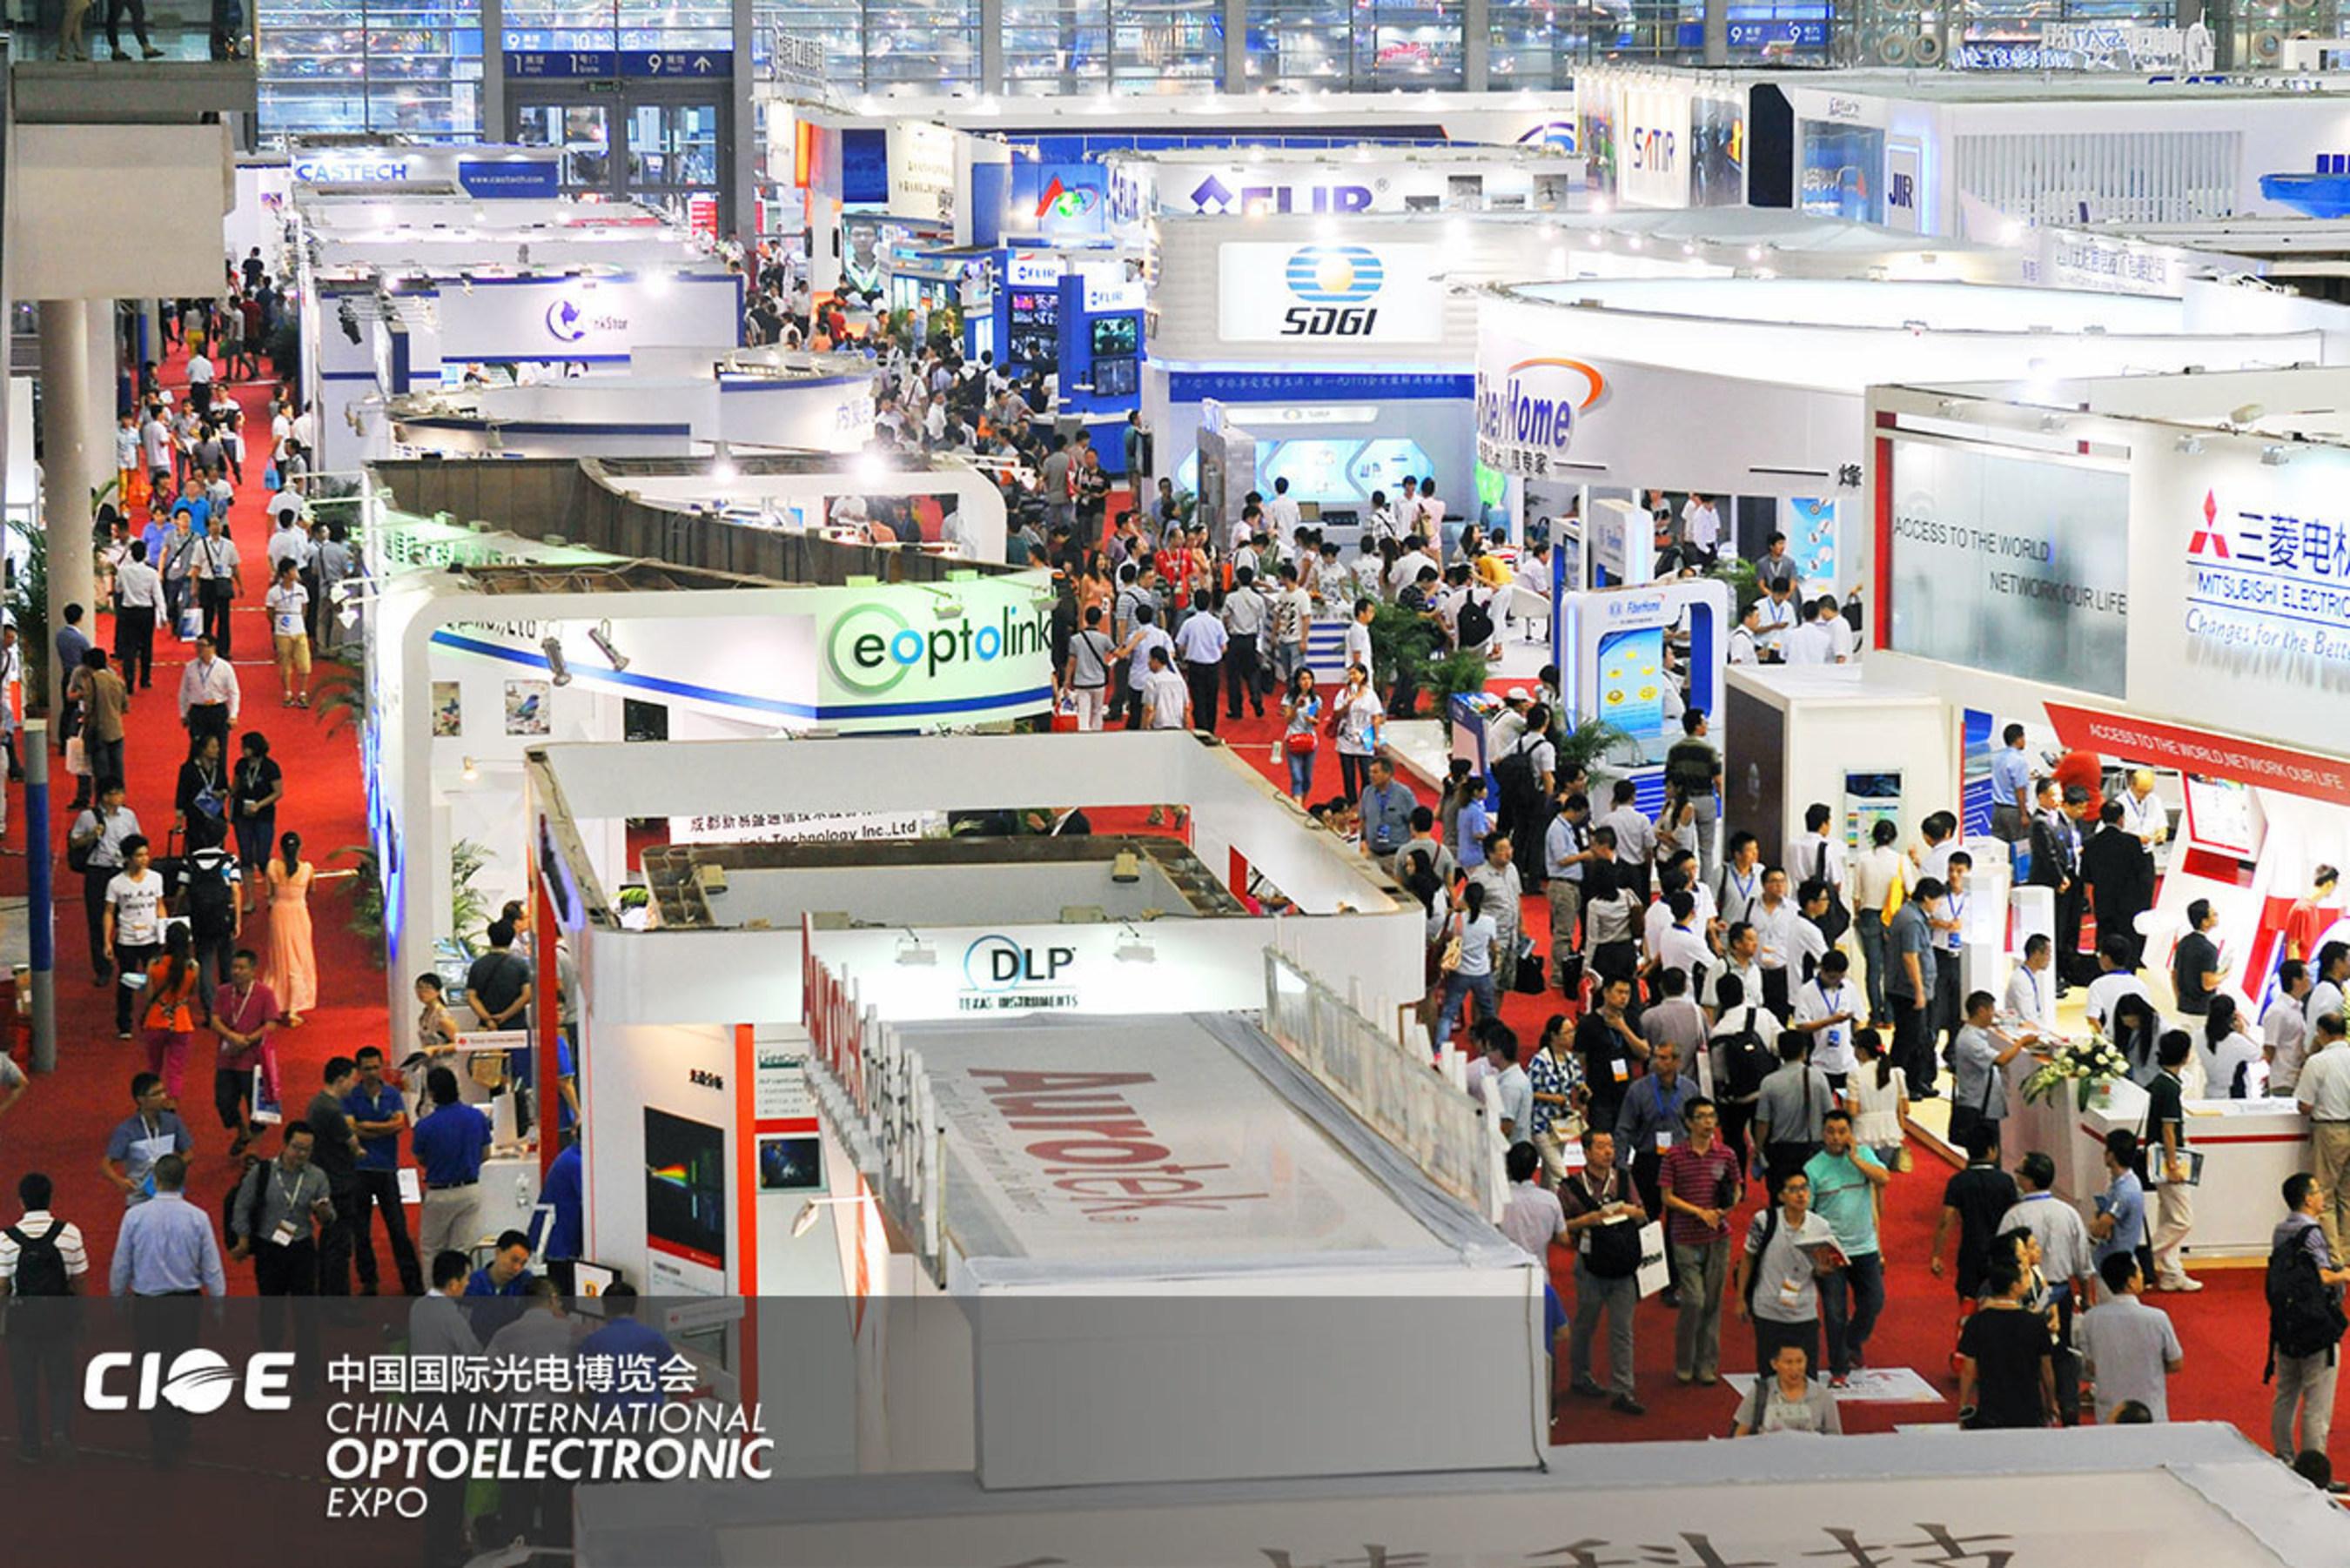 China International Optoelectronic Expo (CIOE)